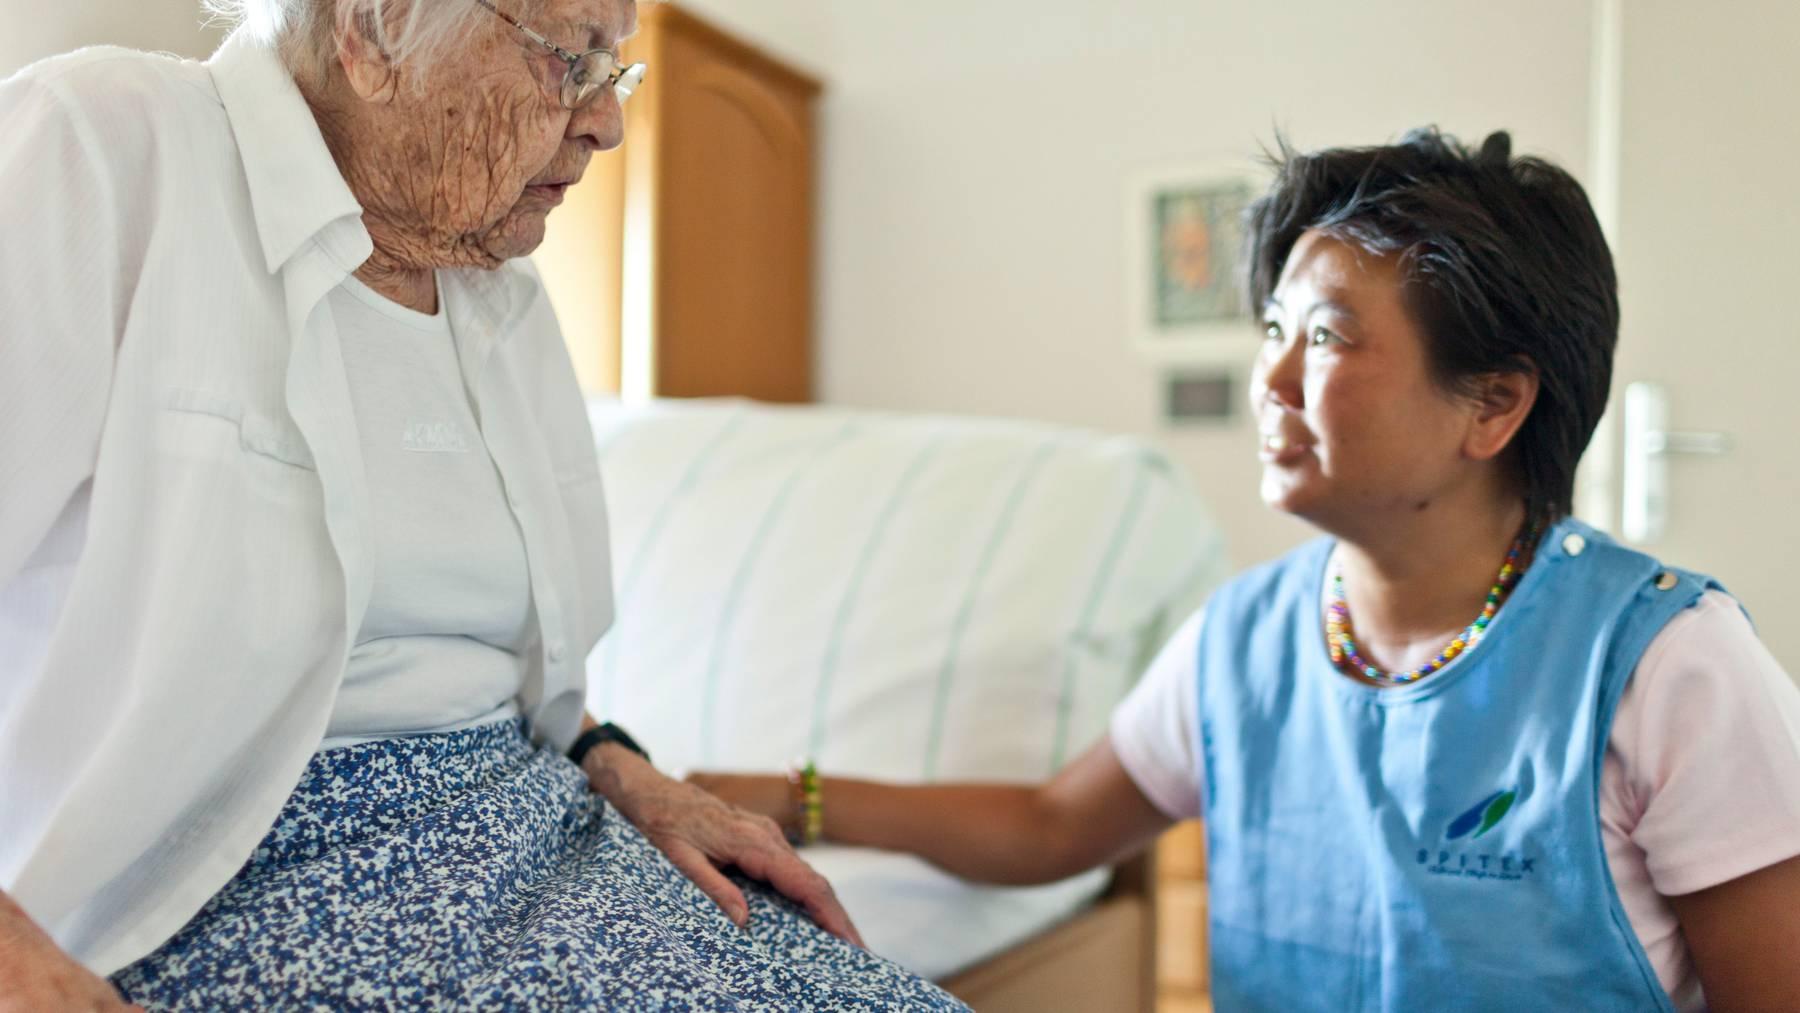 Ohne ausländische Pflegekräfte wäre das Schweizer Gesundheitssystem während der Coronakrise wohl überlastet gewesen. (Symbolbild)